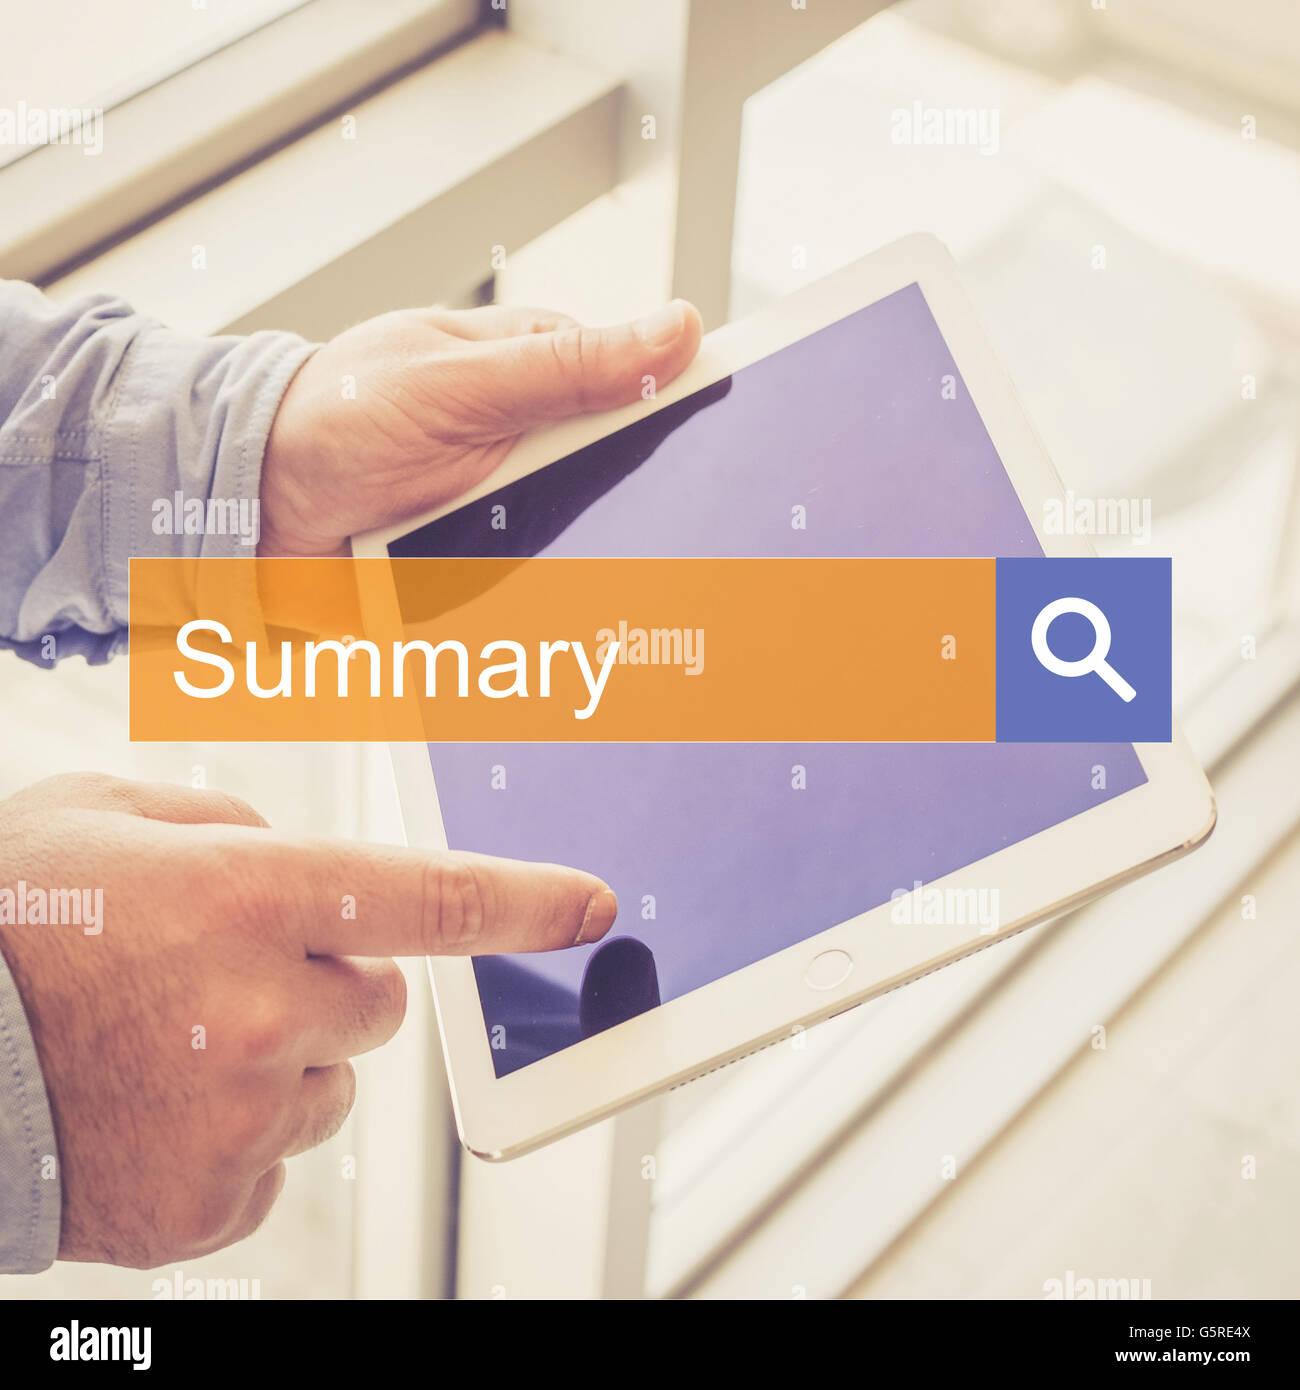 Tecnología de búsqueda Resumen COMUNICACIÓN TABLET ENCONTRAR CONCEPTO Imagen De Stock